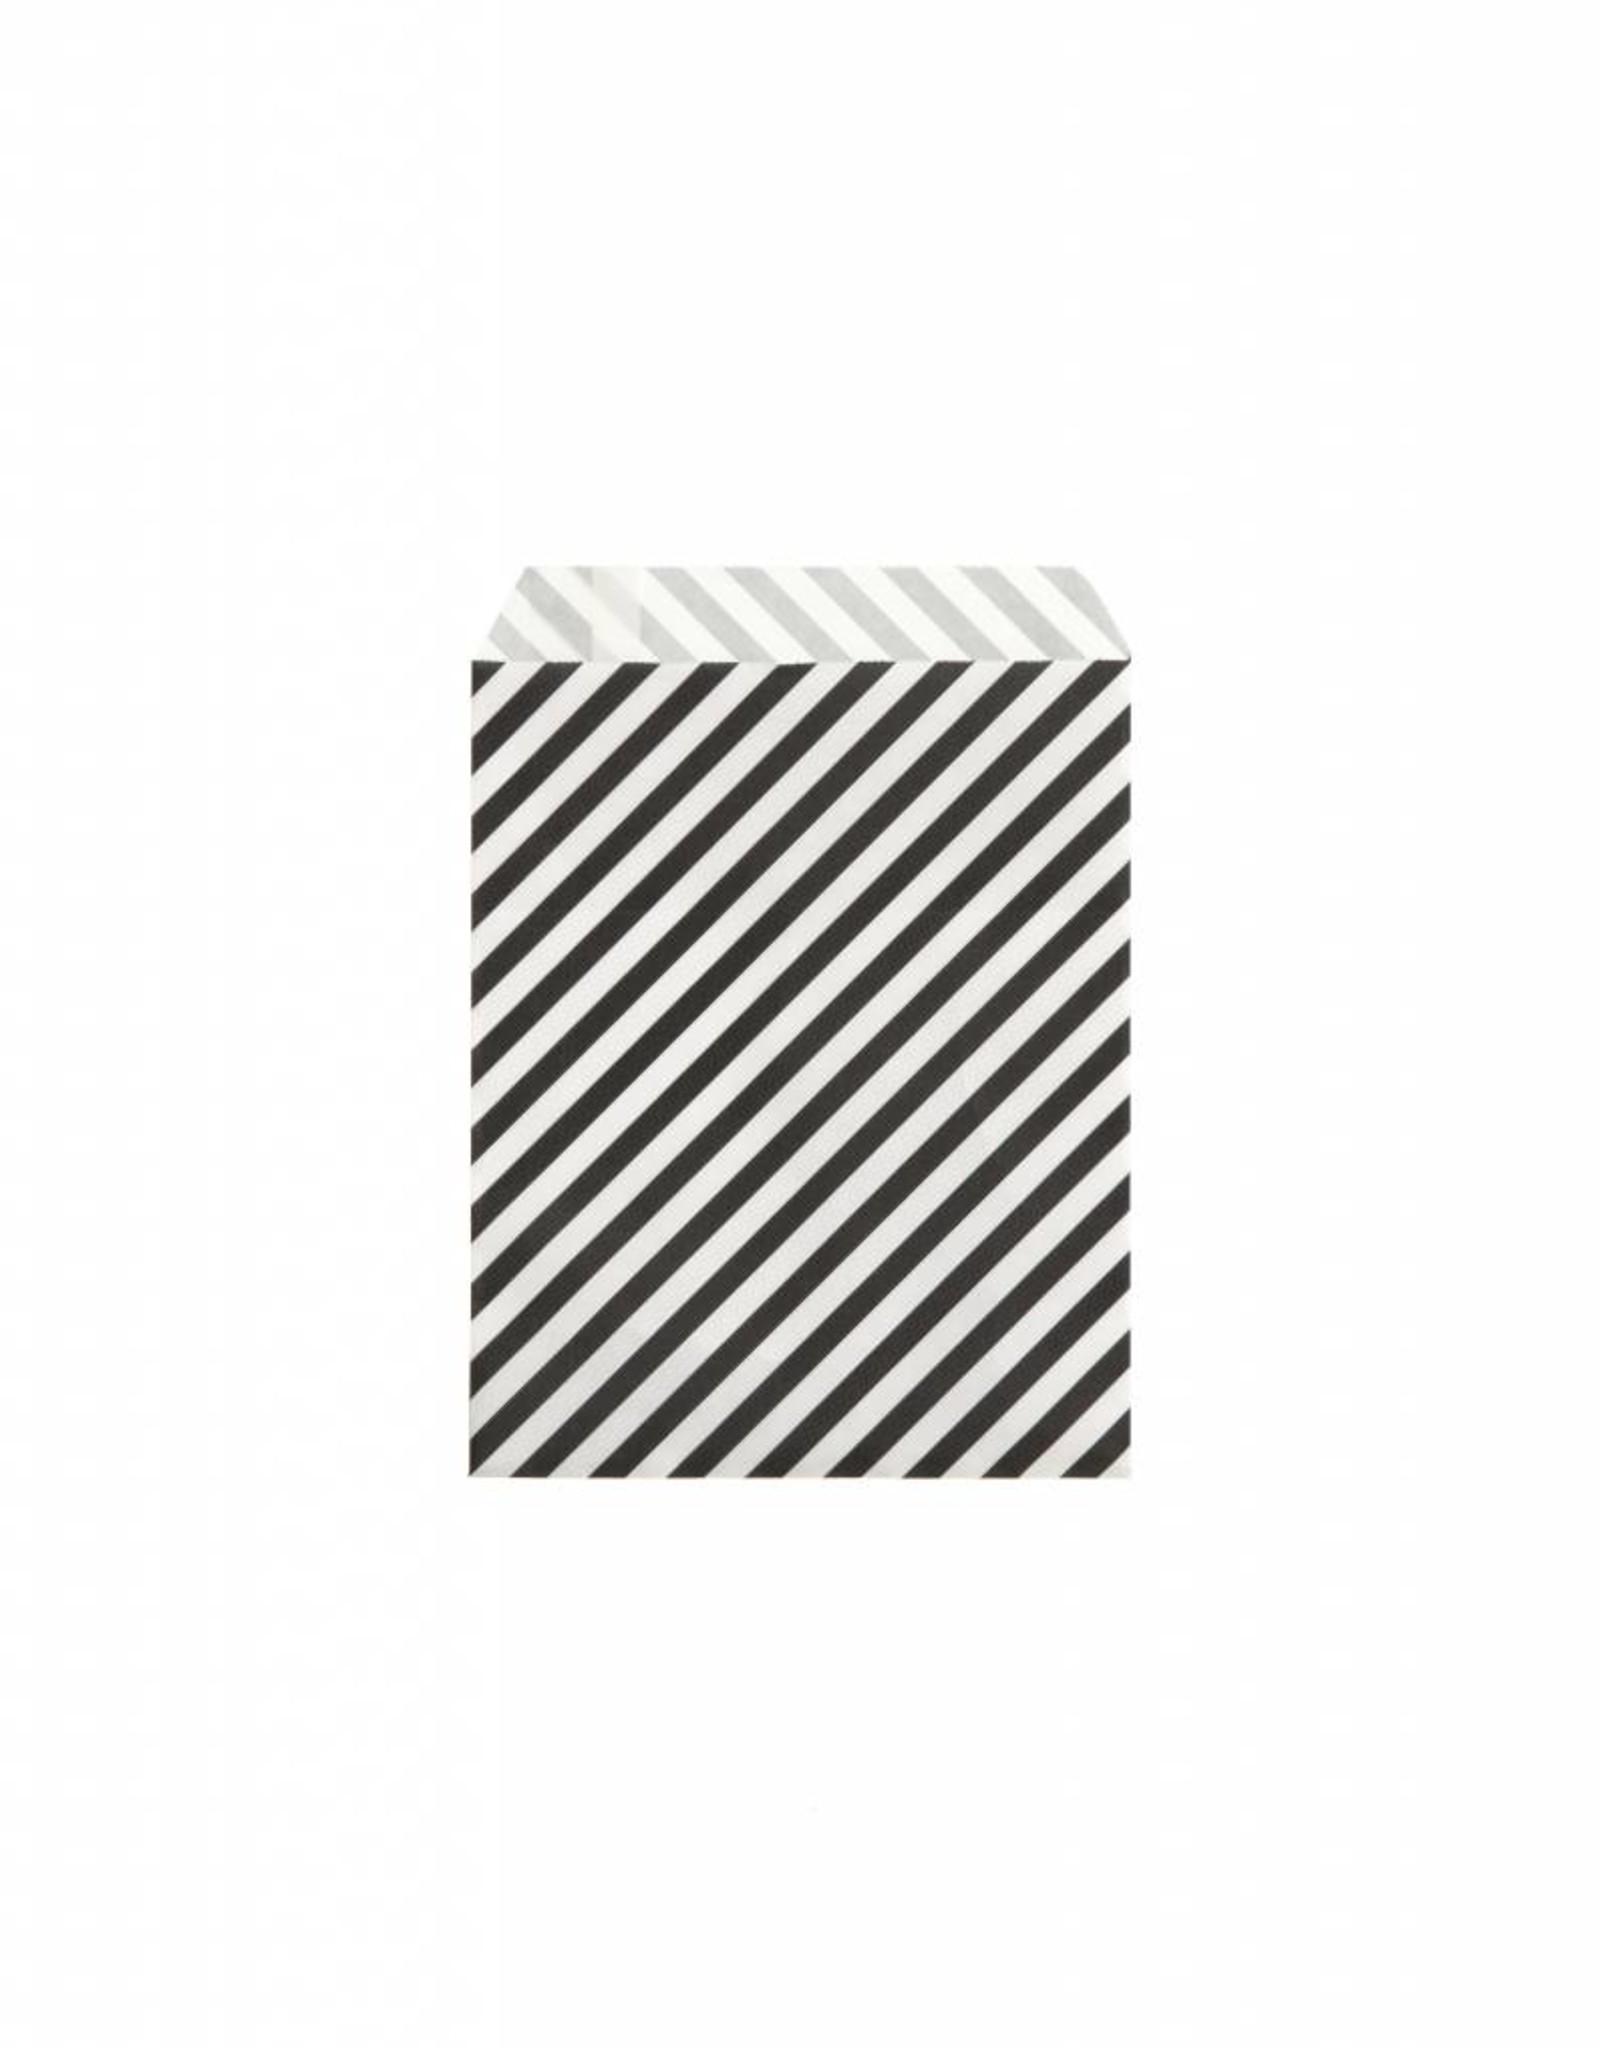 Ferm Living Sac papier rayures noir